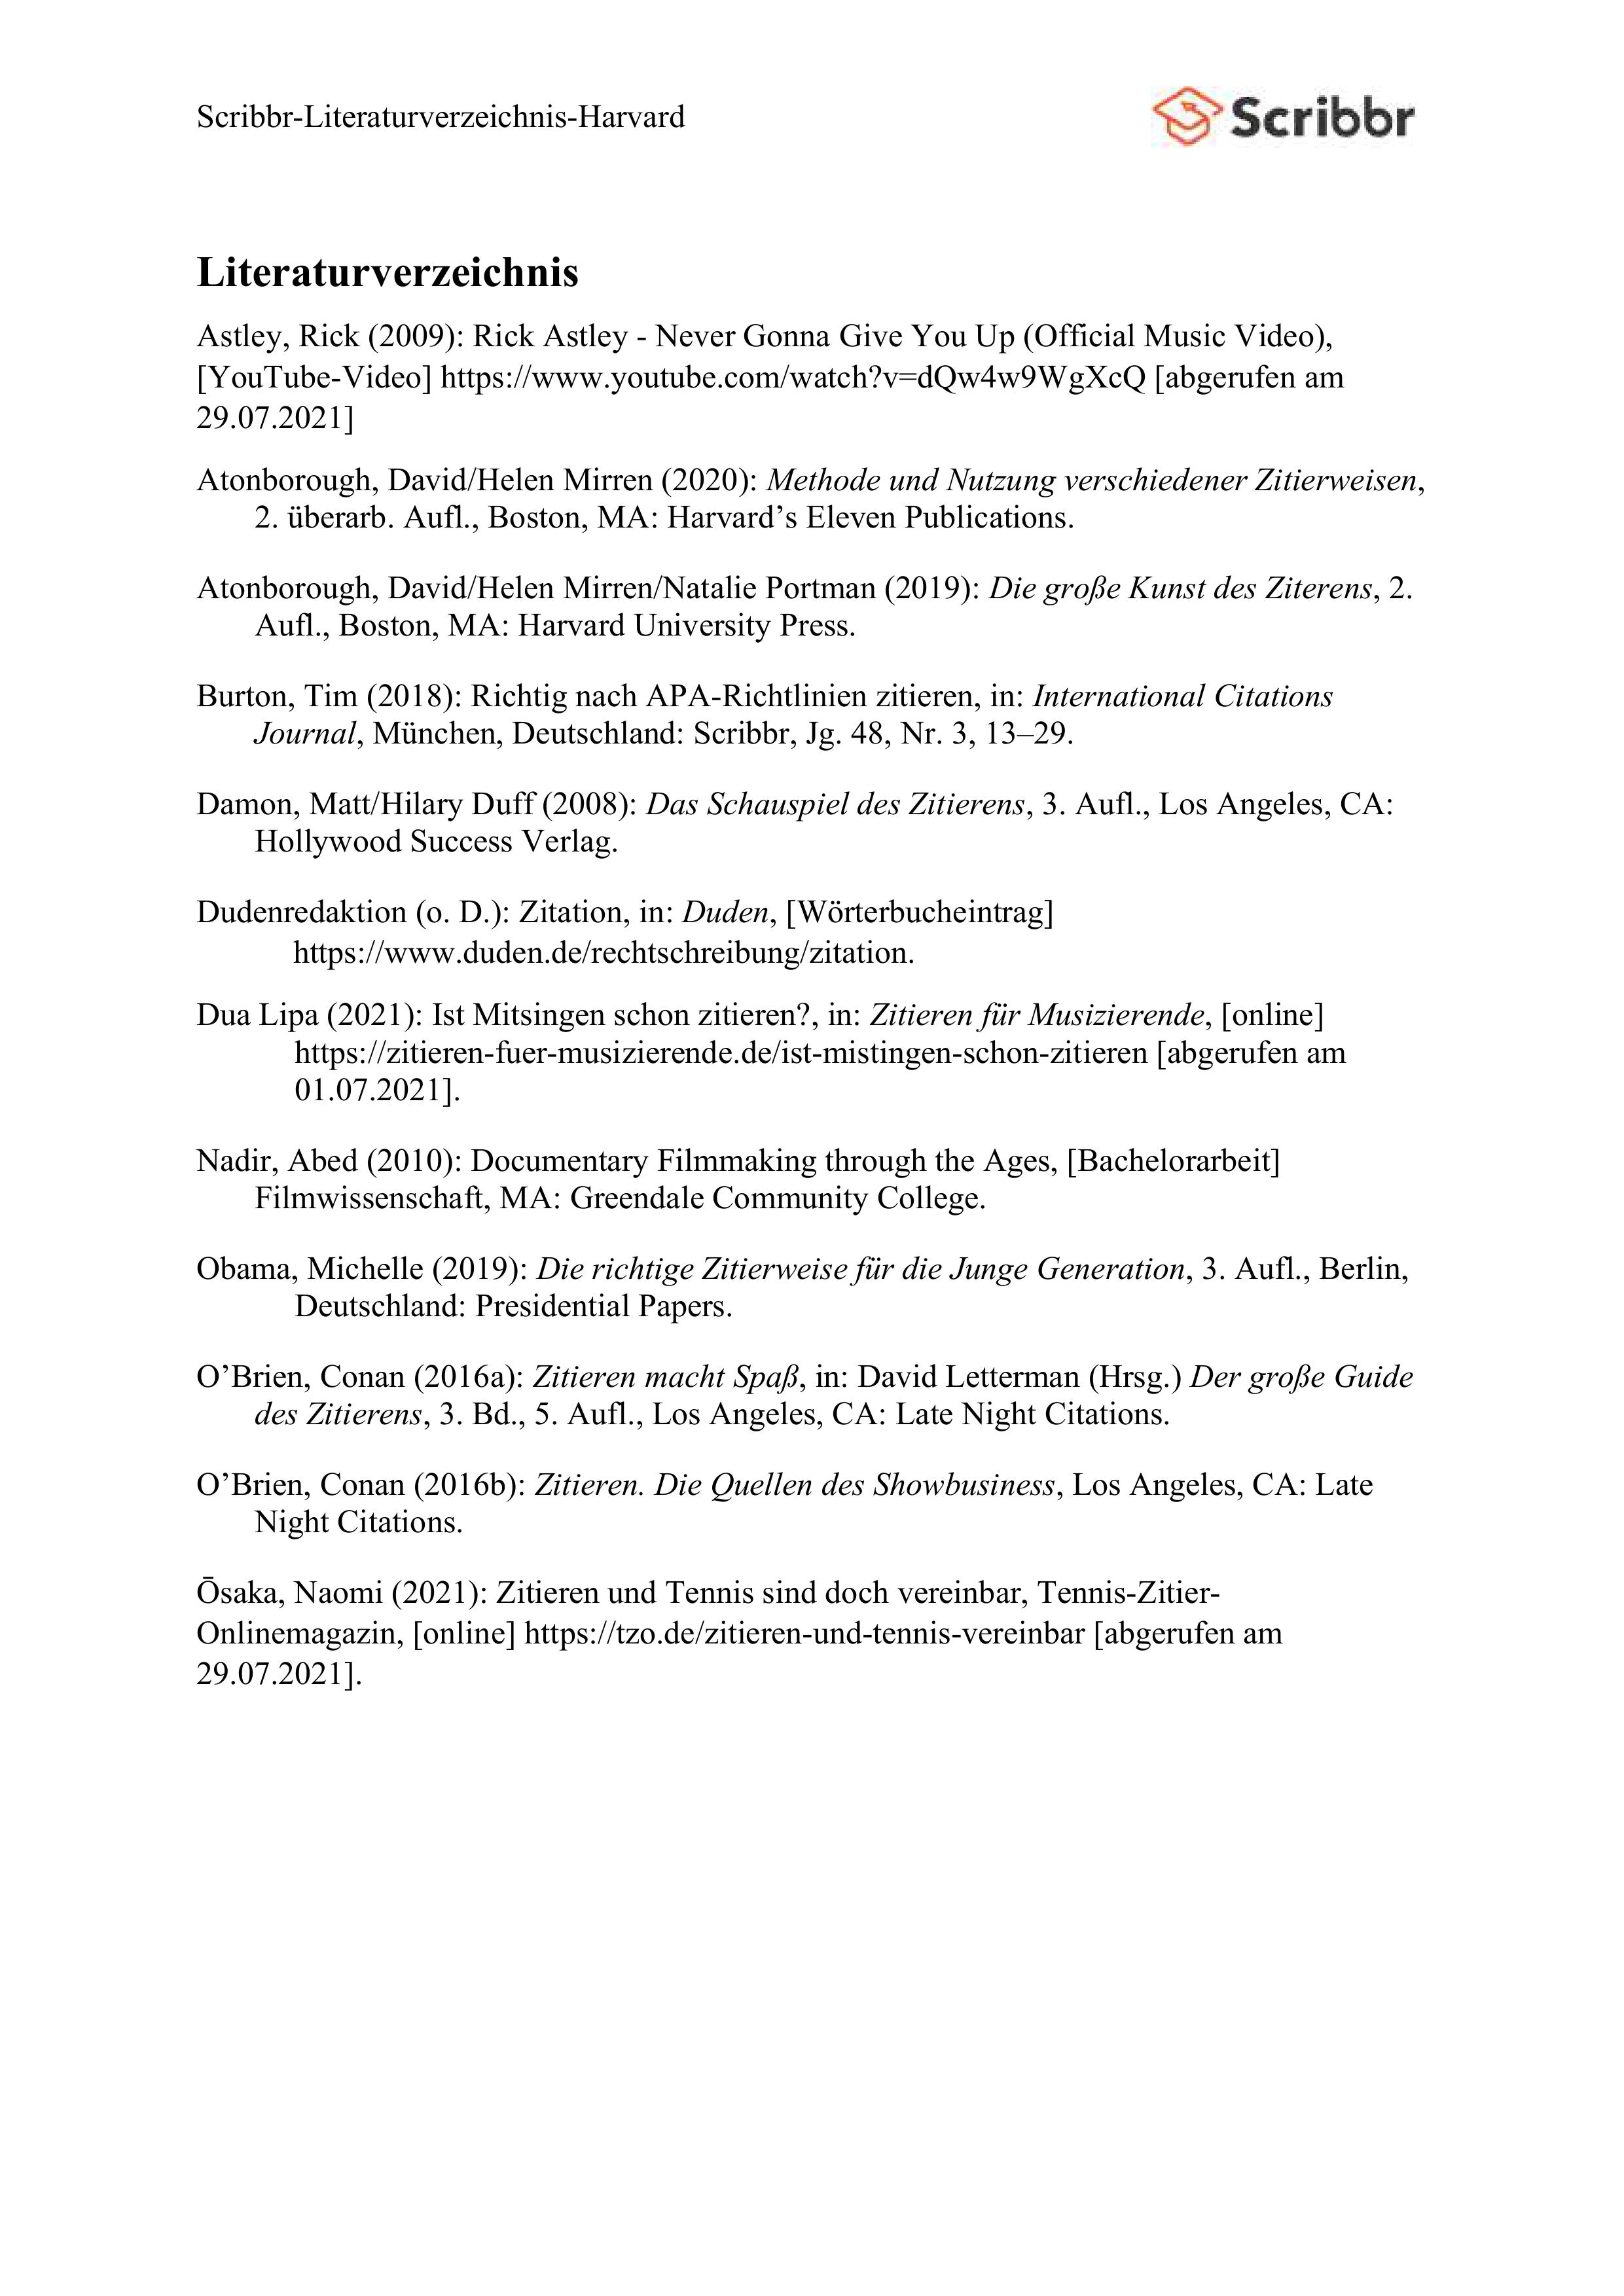 literaturverzeichnis-harvard-vorschau